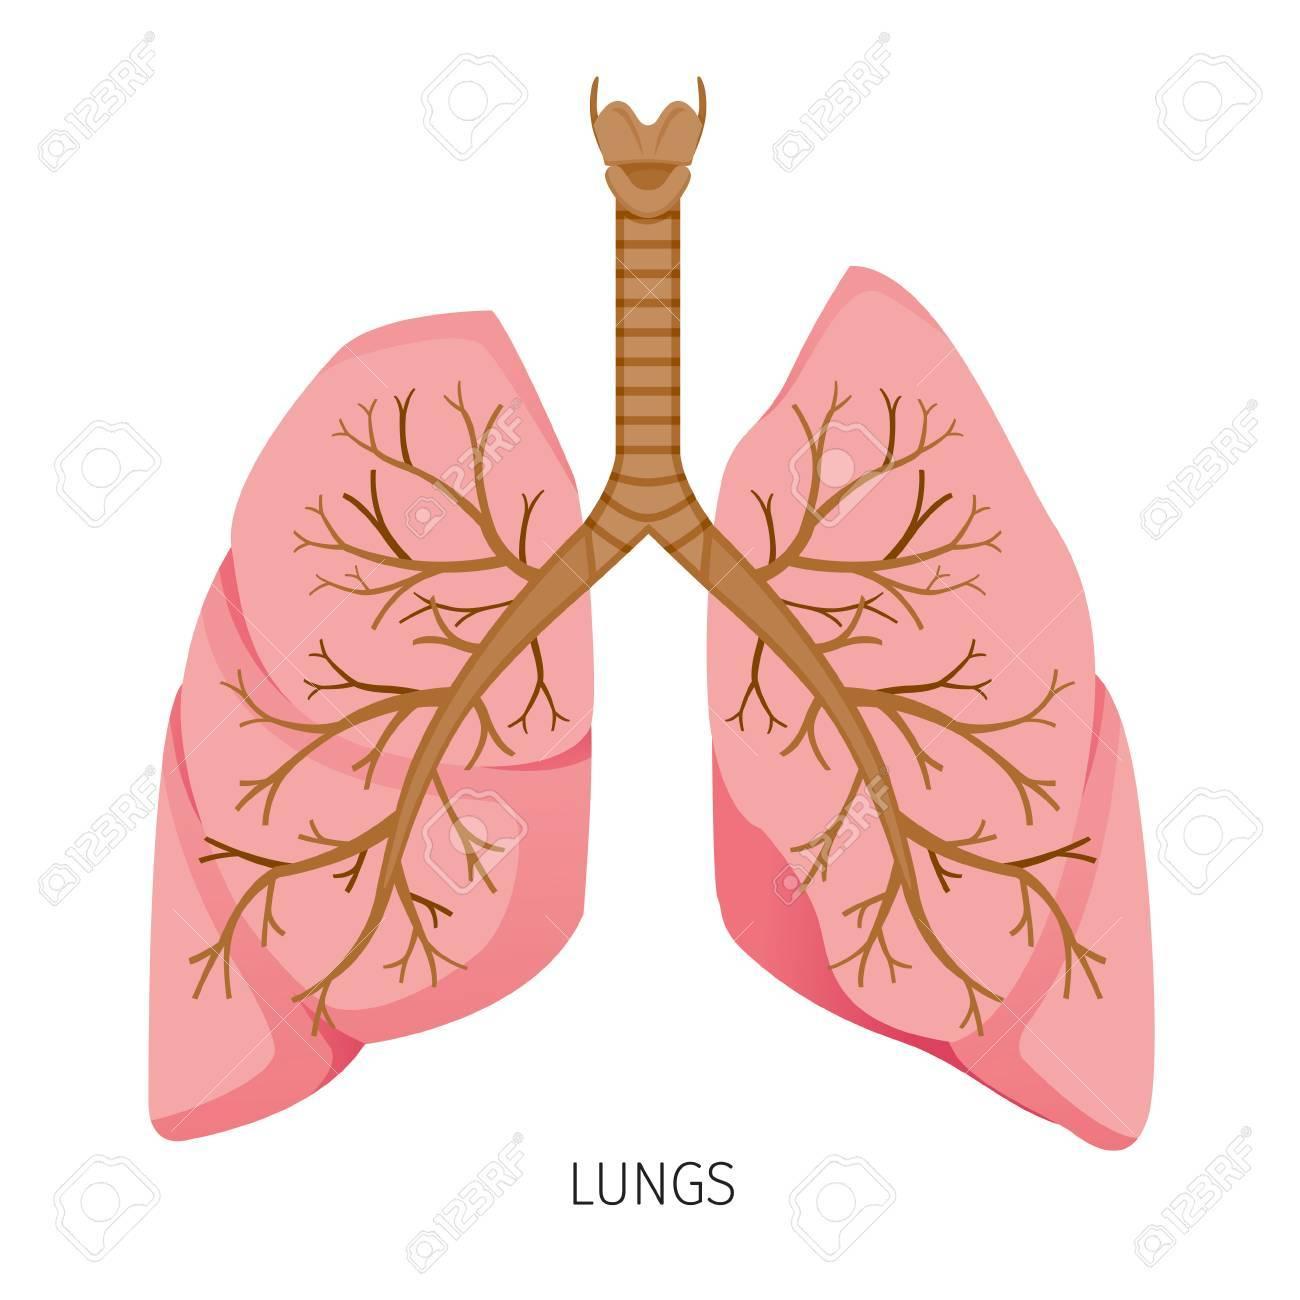 Pulmones, Diagrama De órgano Interno Humano, Fisiología, Estructura ...